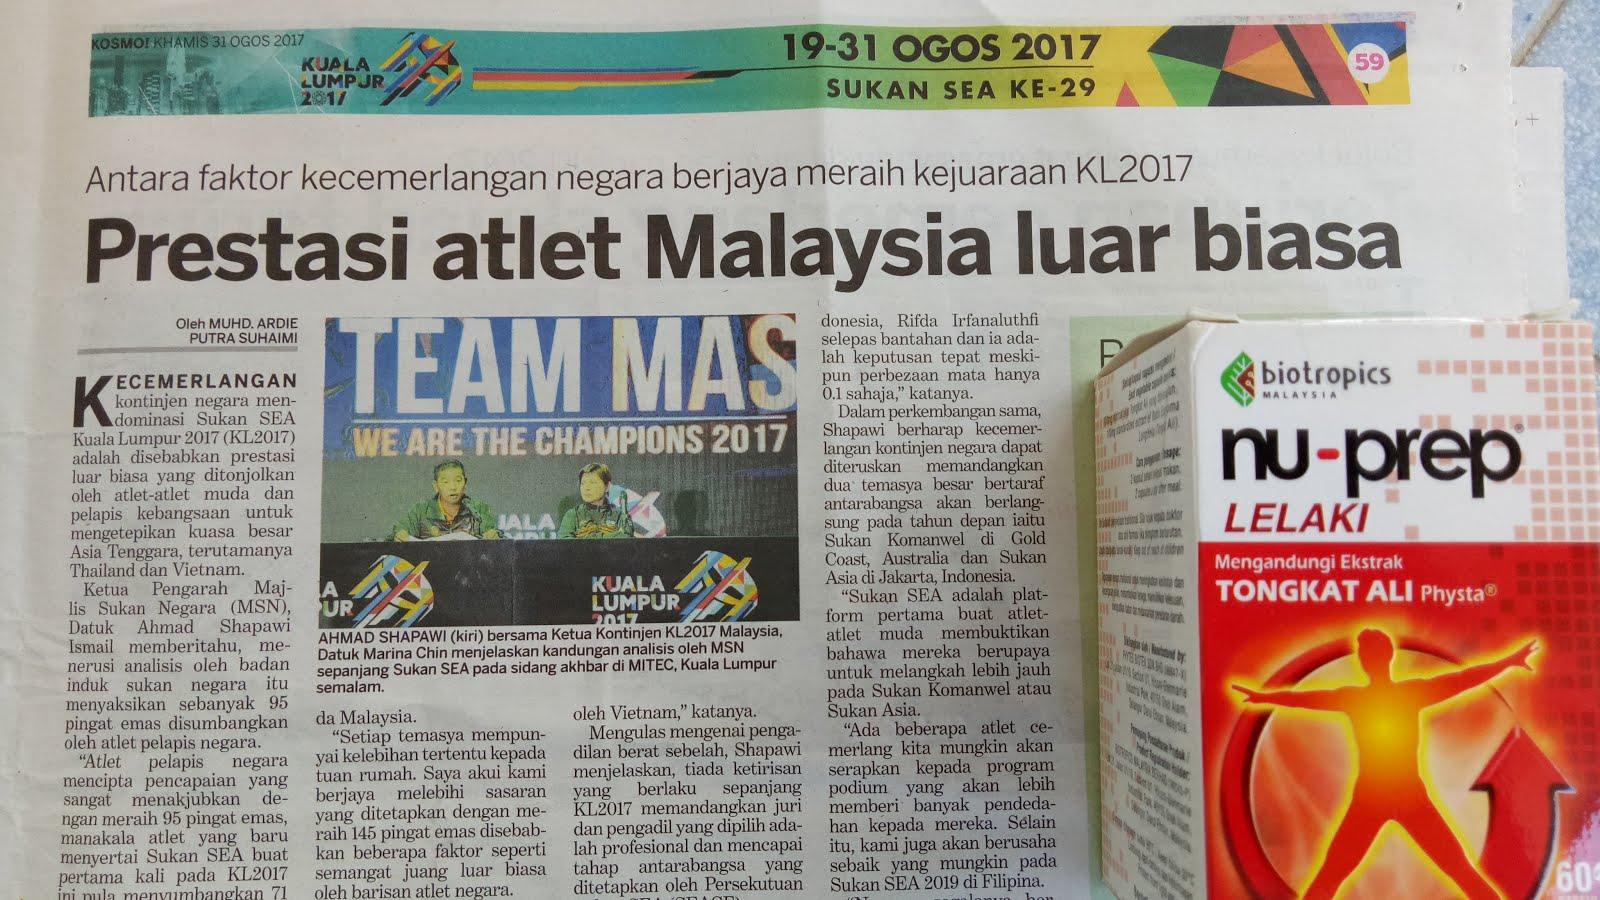 Nu-Prep MALAYSIA BOLEH 'Kita Juara' SEA GAMES 2017.